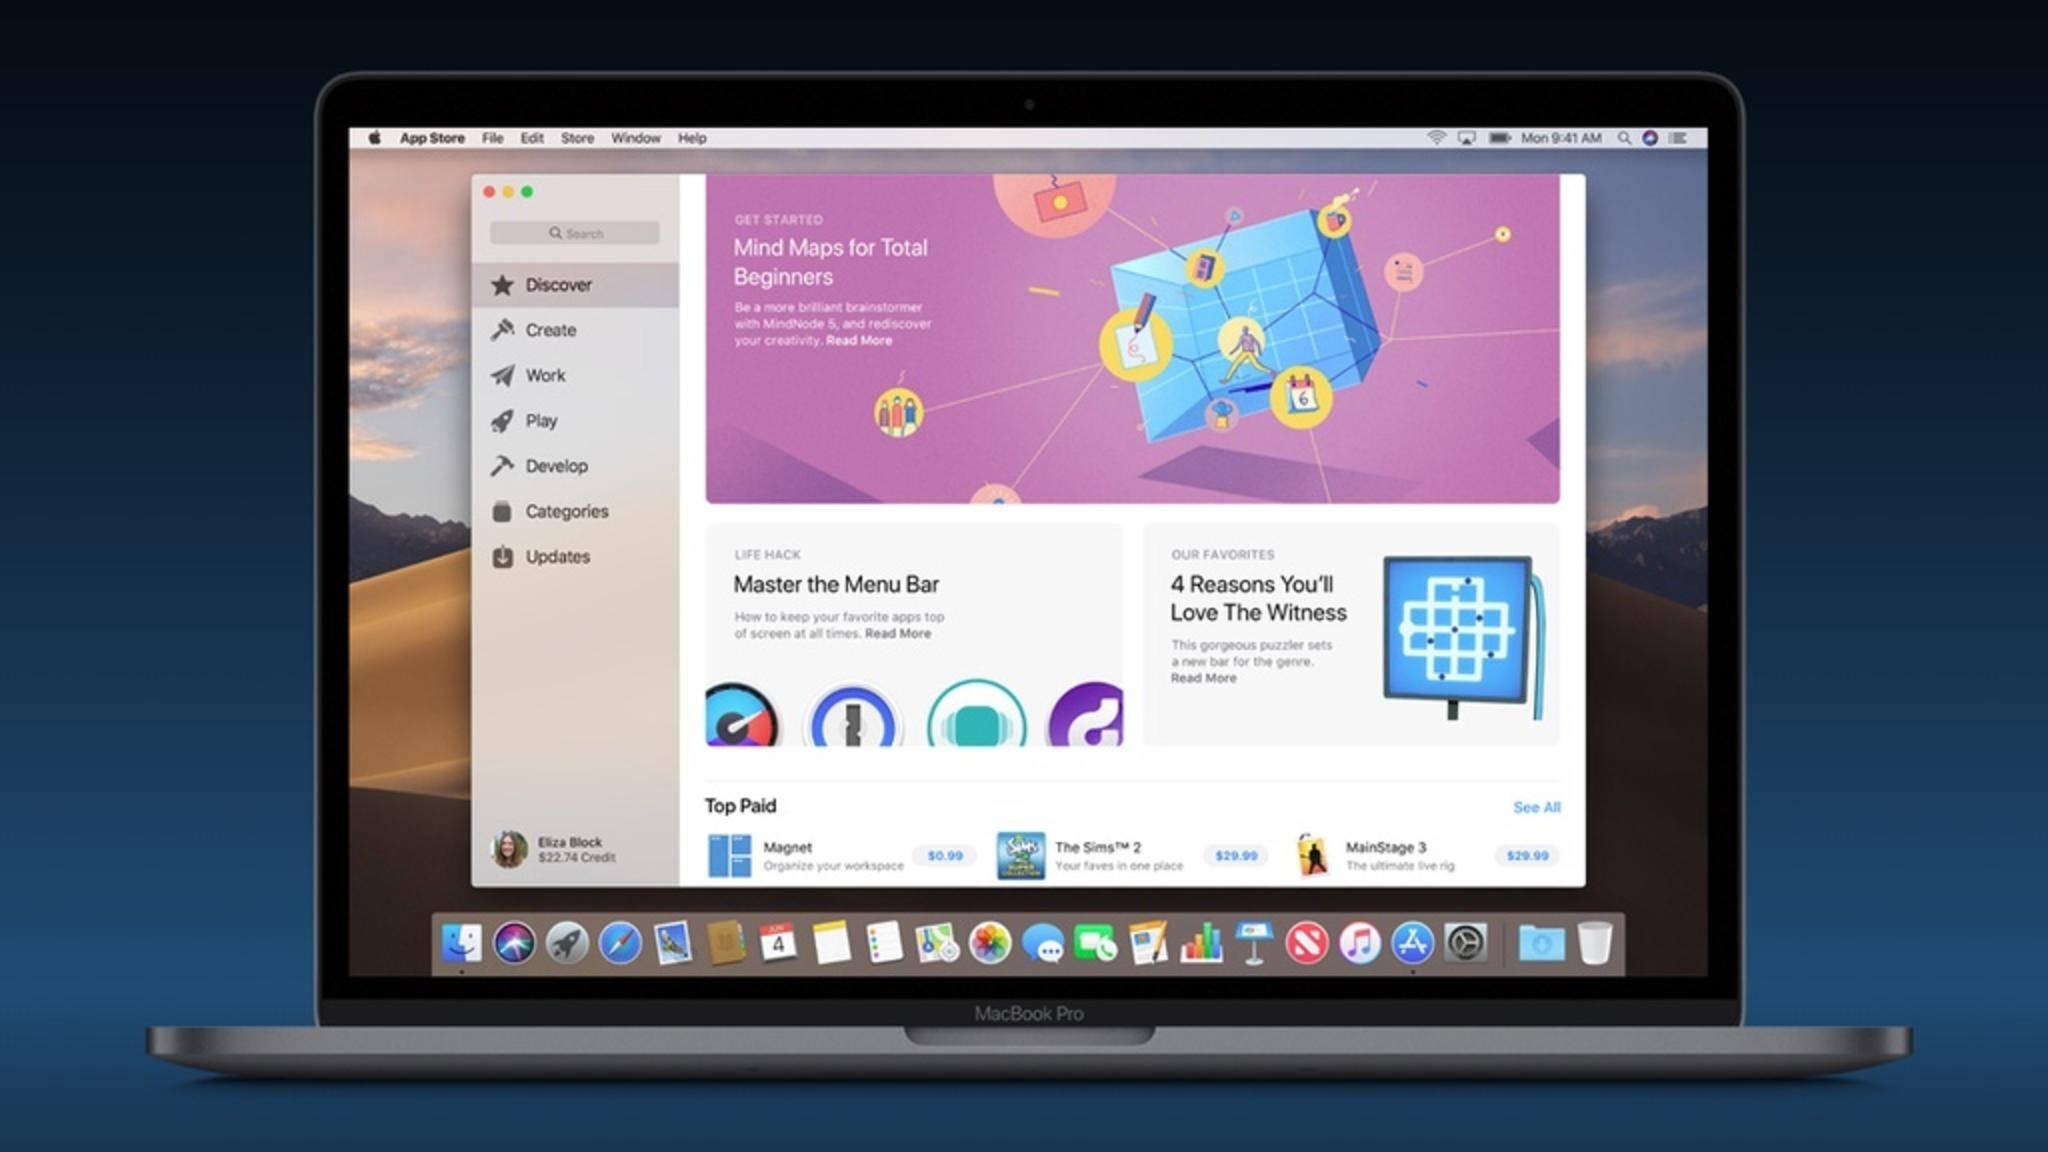 Du möchtest Mac-Programme deinstallieren? Wir verraten Dir, wie das funktioniert.